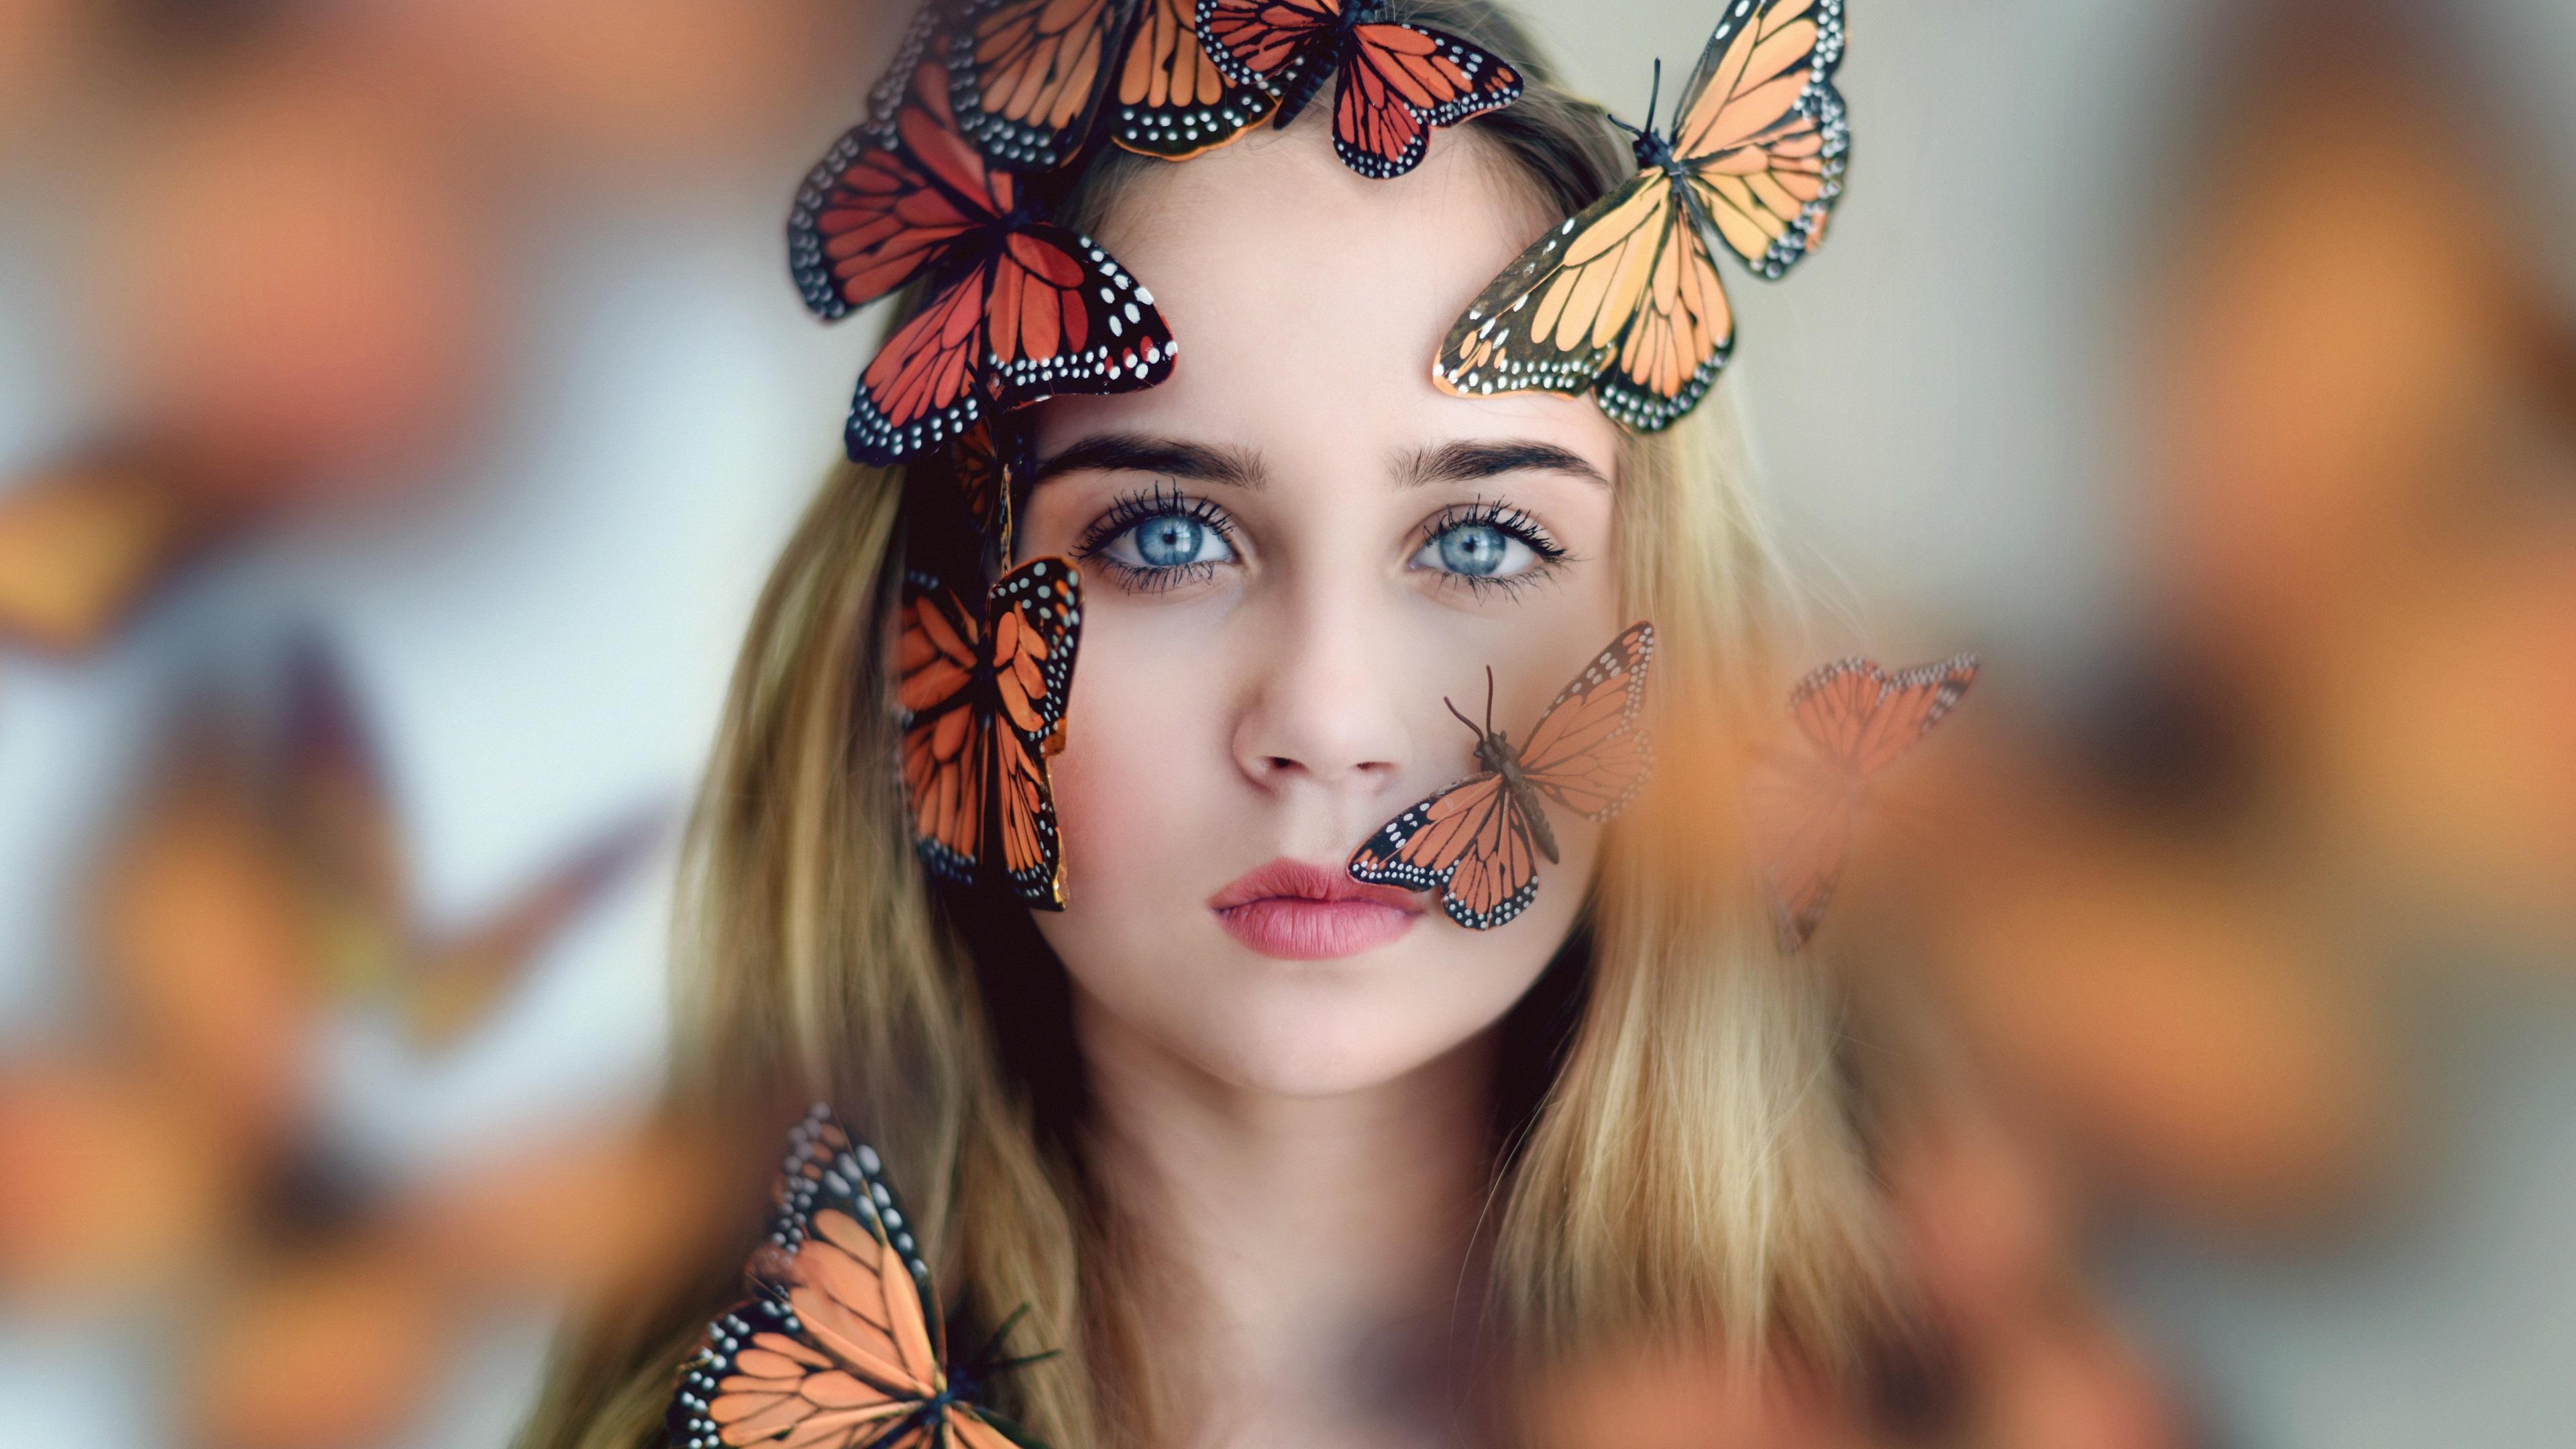 девушка брюнетка бабочки лицо в хорошем качестве